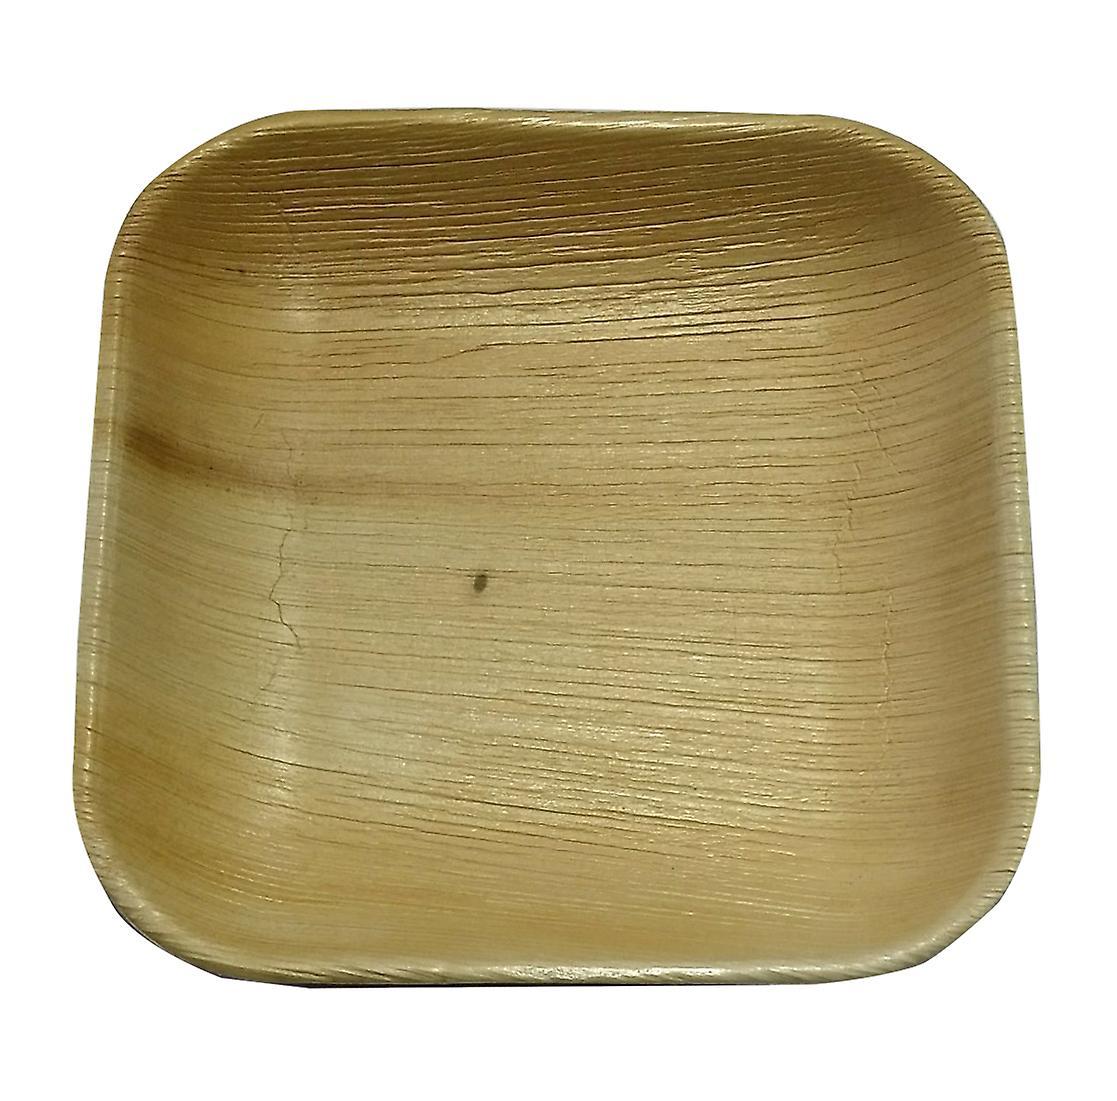 Ympäristöystävällinen kertakäyttöinen puolue levyt - 17cm neliö (25 levyt)